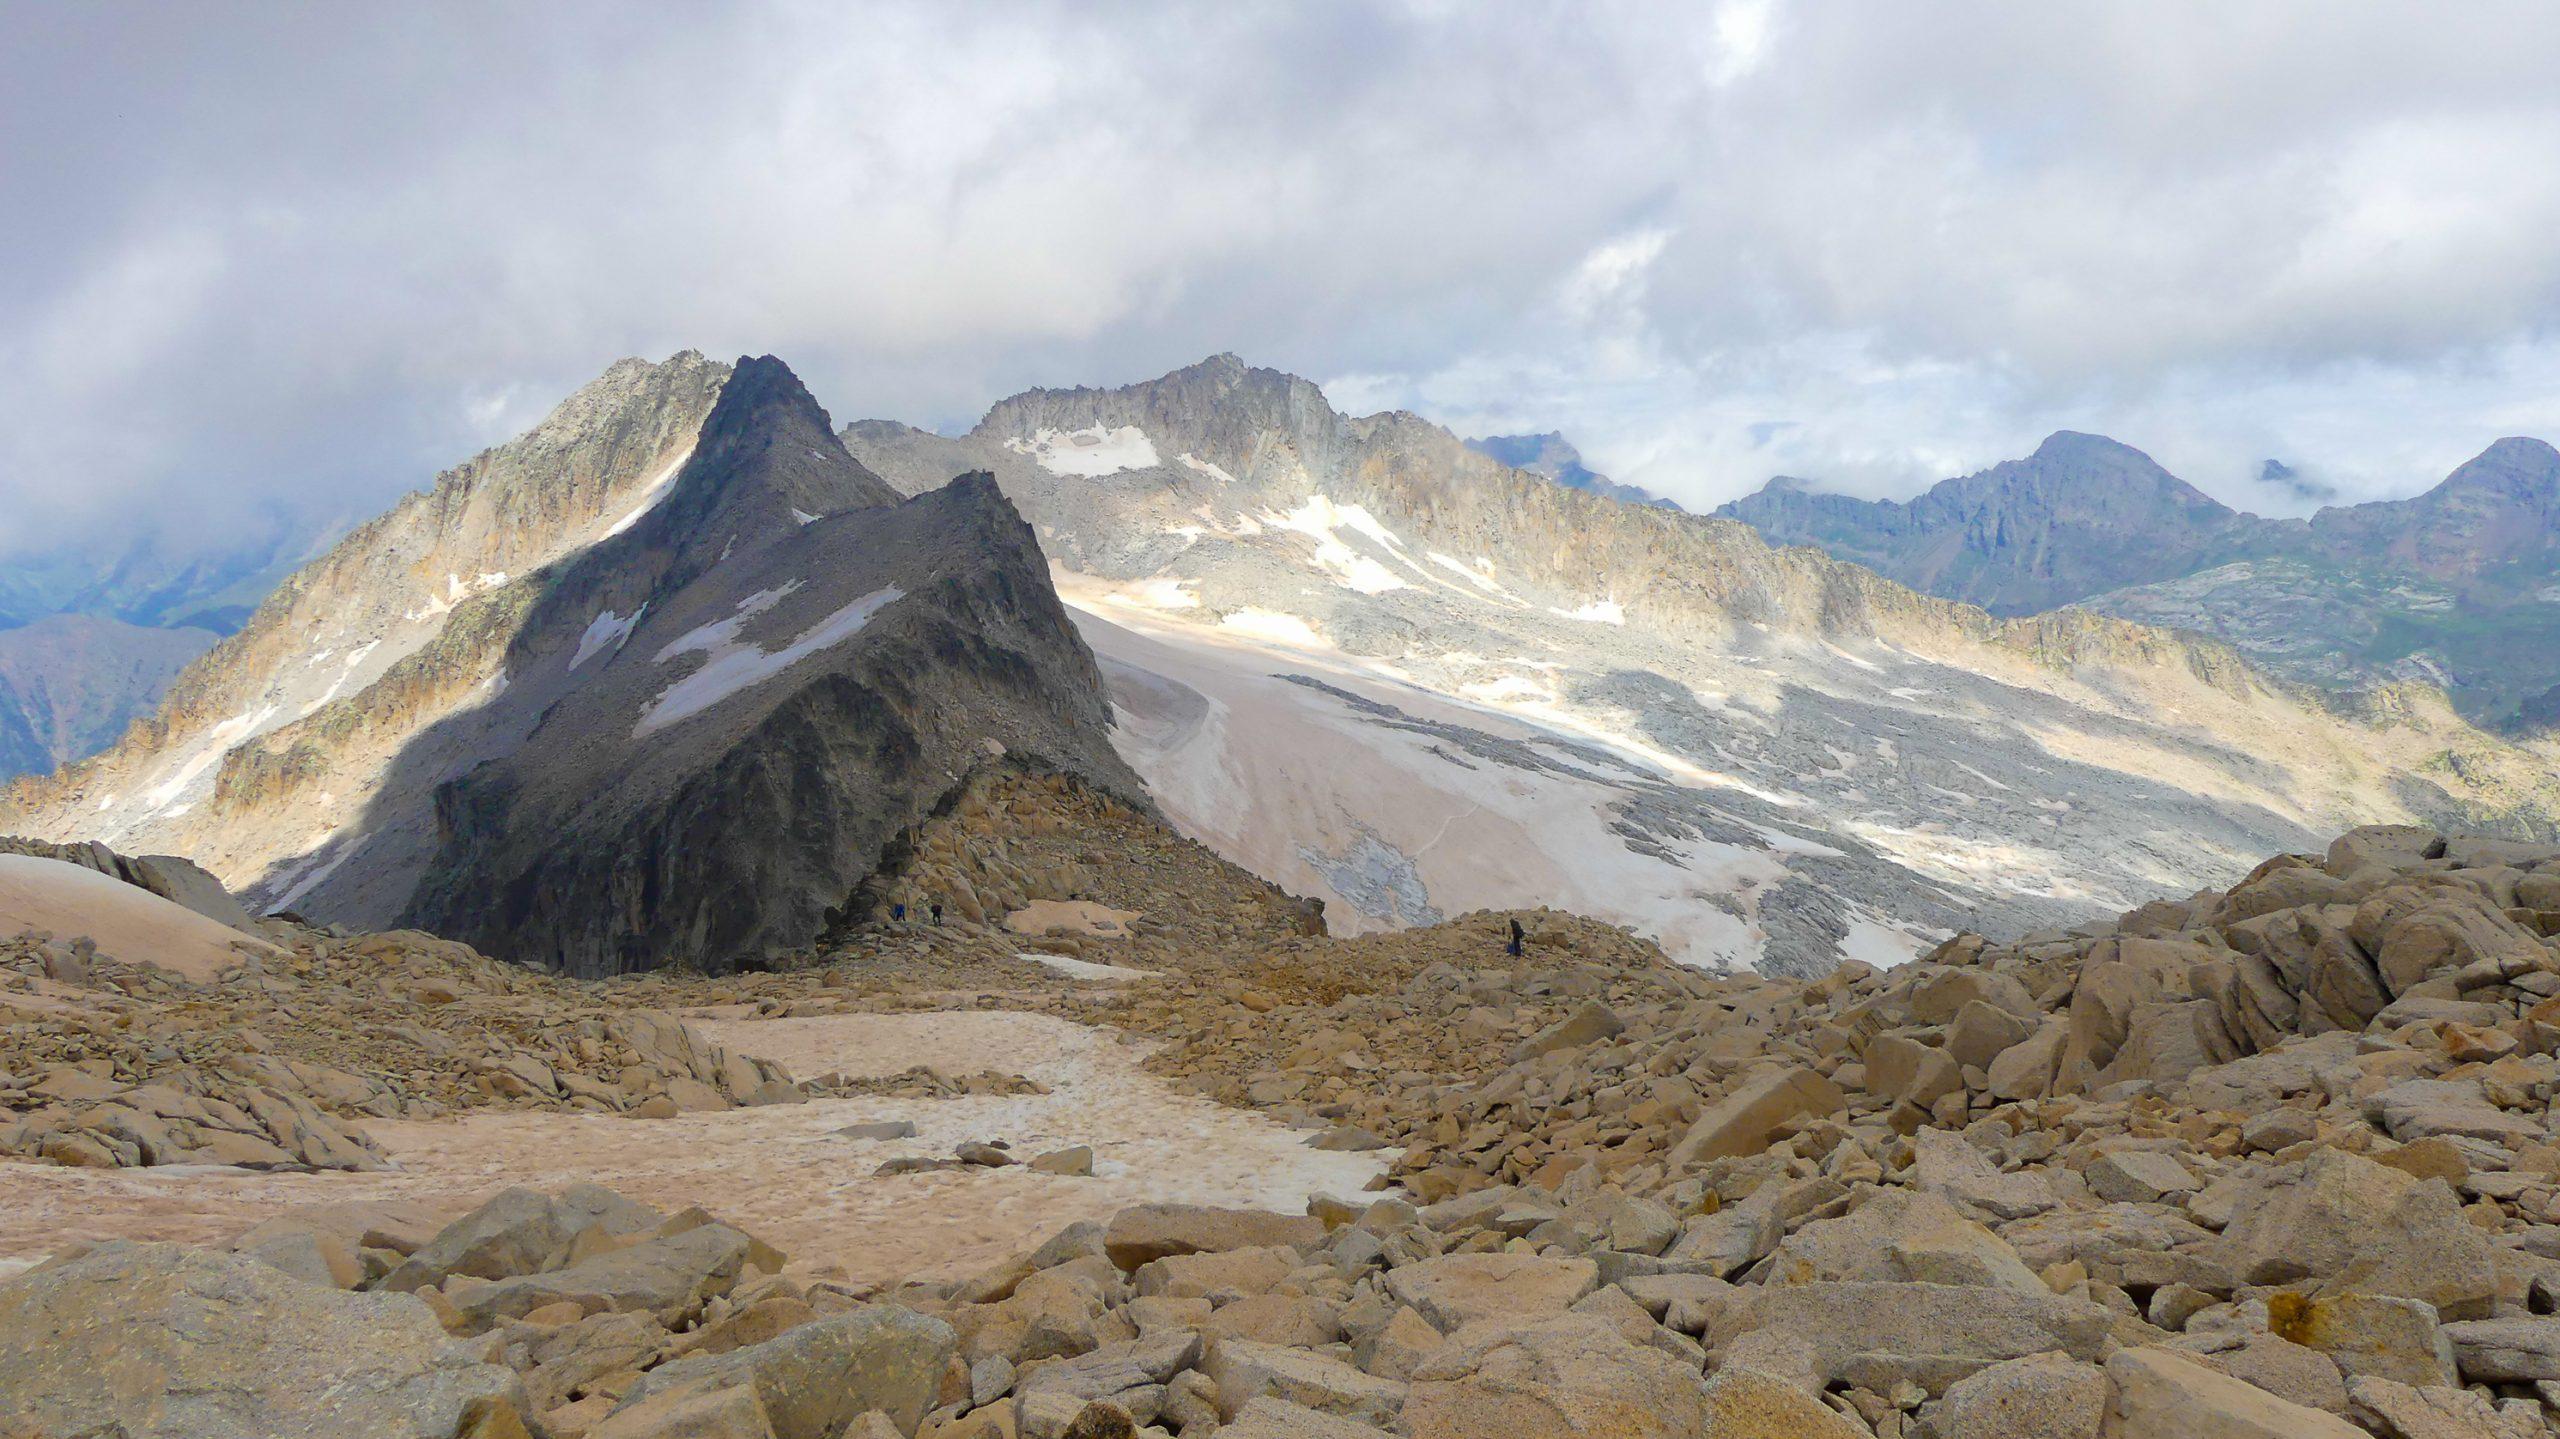 Les glaciers des Pyrénées reculent à grande vitesse